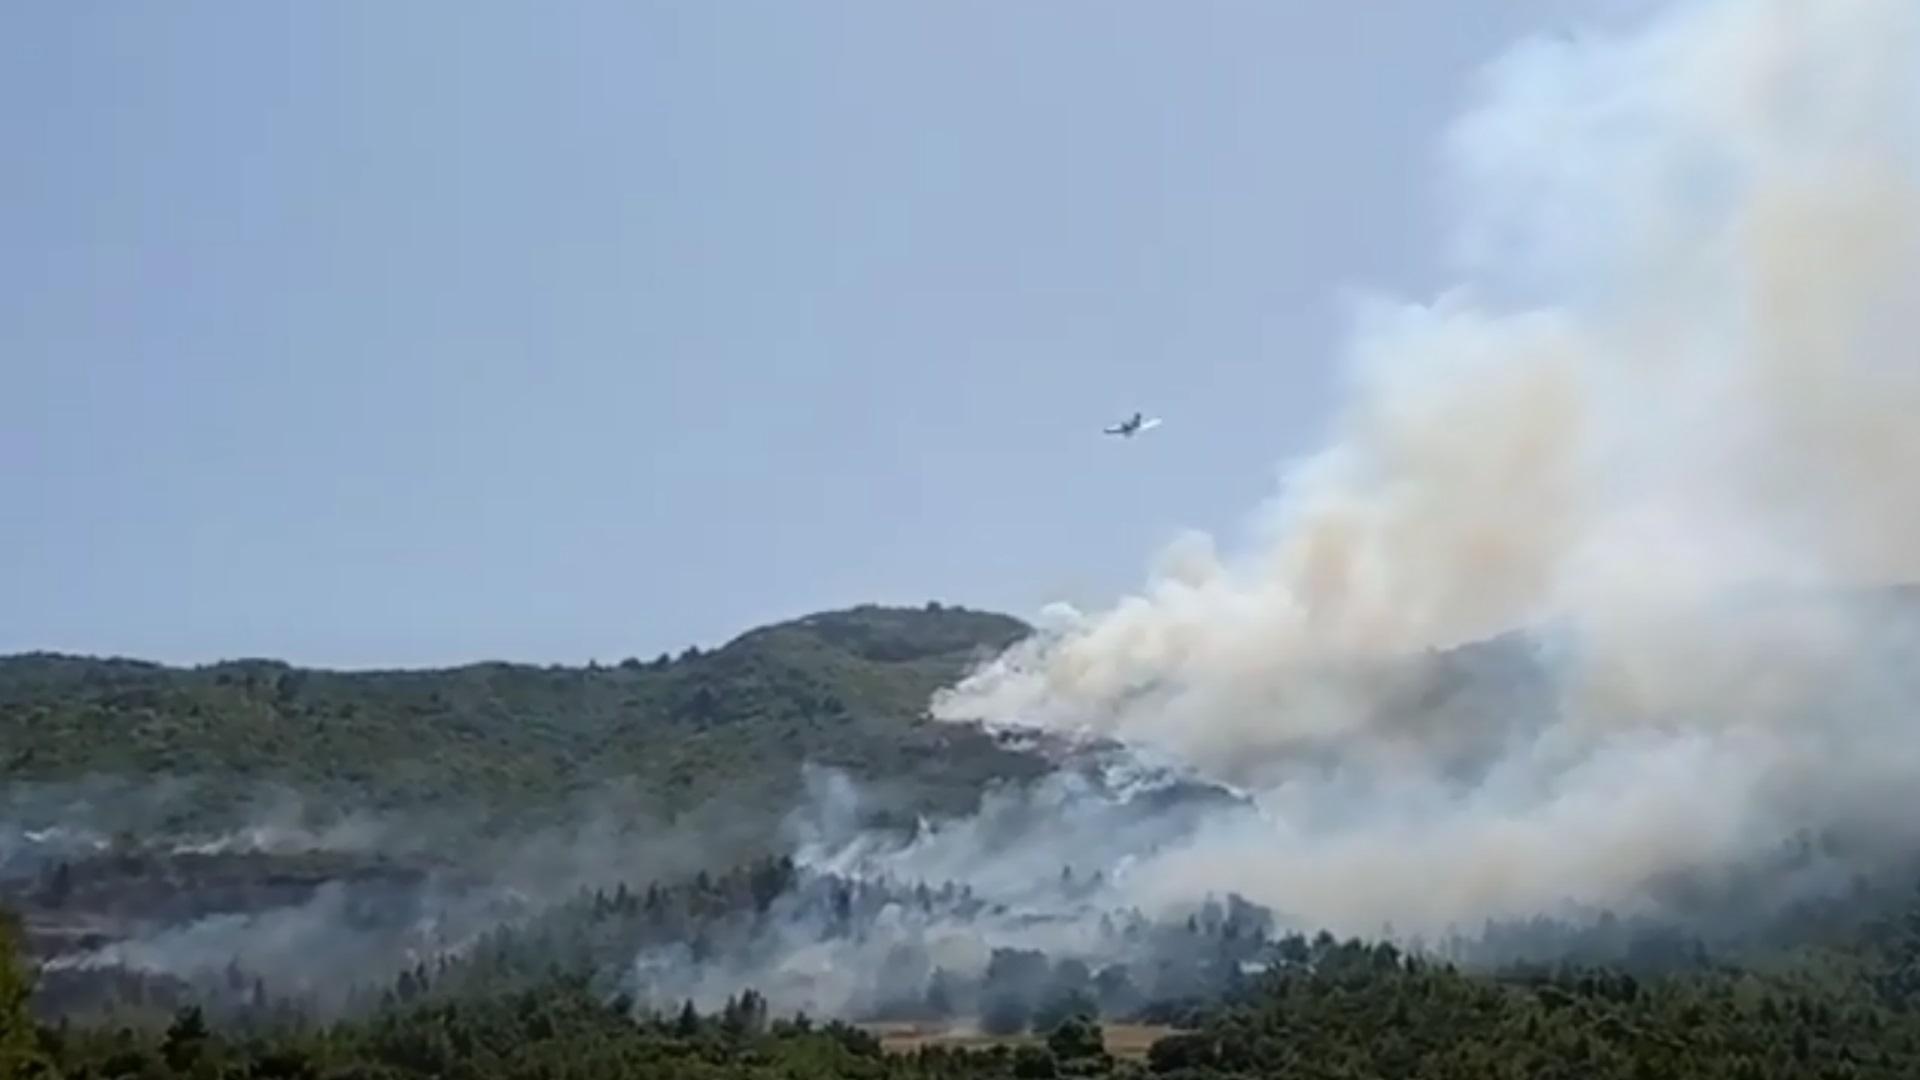 Φωτιά τώρα στην Πάτρα: Εκκενώνεται χωριό – «Οι φλόγες πλησιάζουν τα απομακρυσμένα σπίτια» λέει ο δήμαρχος